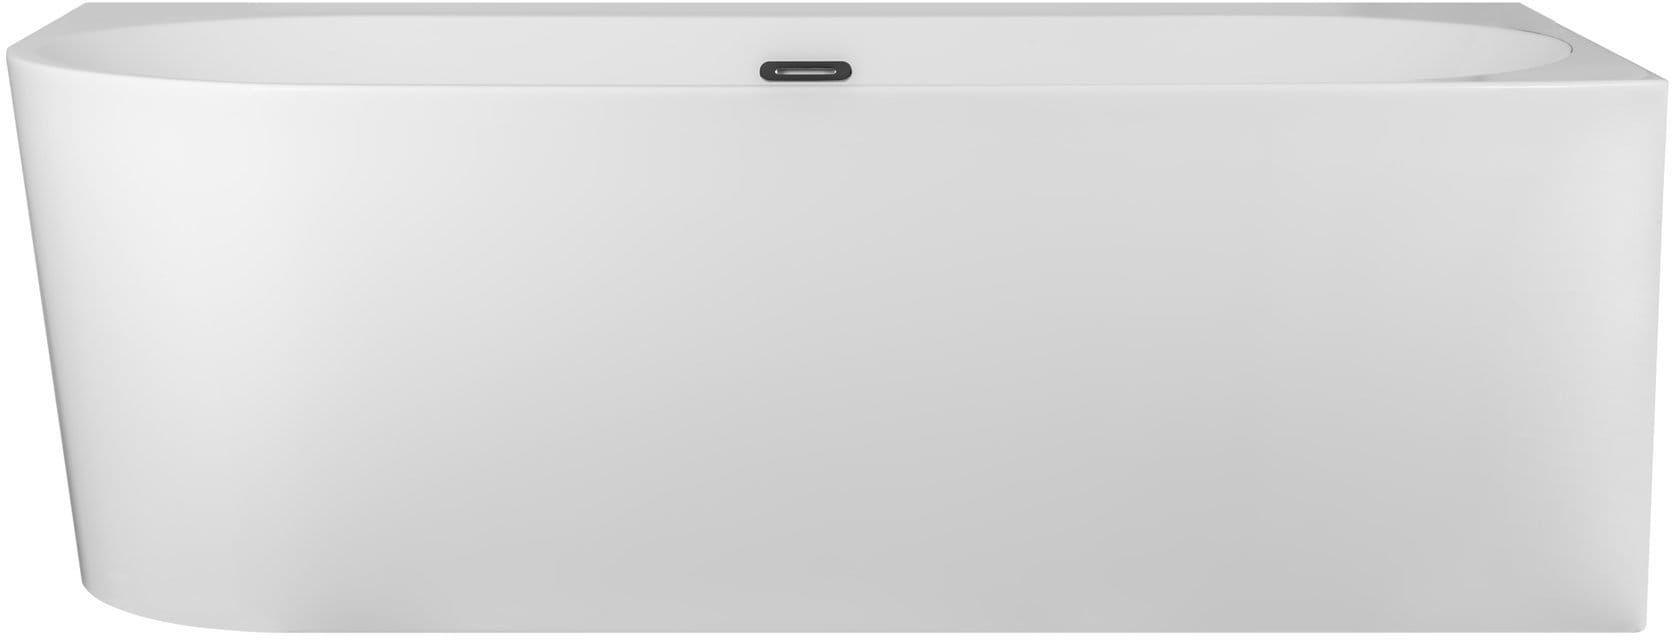 Corsan wanna narożna prawa przyścienna z półką akrylowa Intero 160 x 73 cm E240P + syfon klik-klak wysyłka 24h